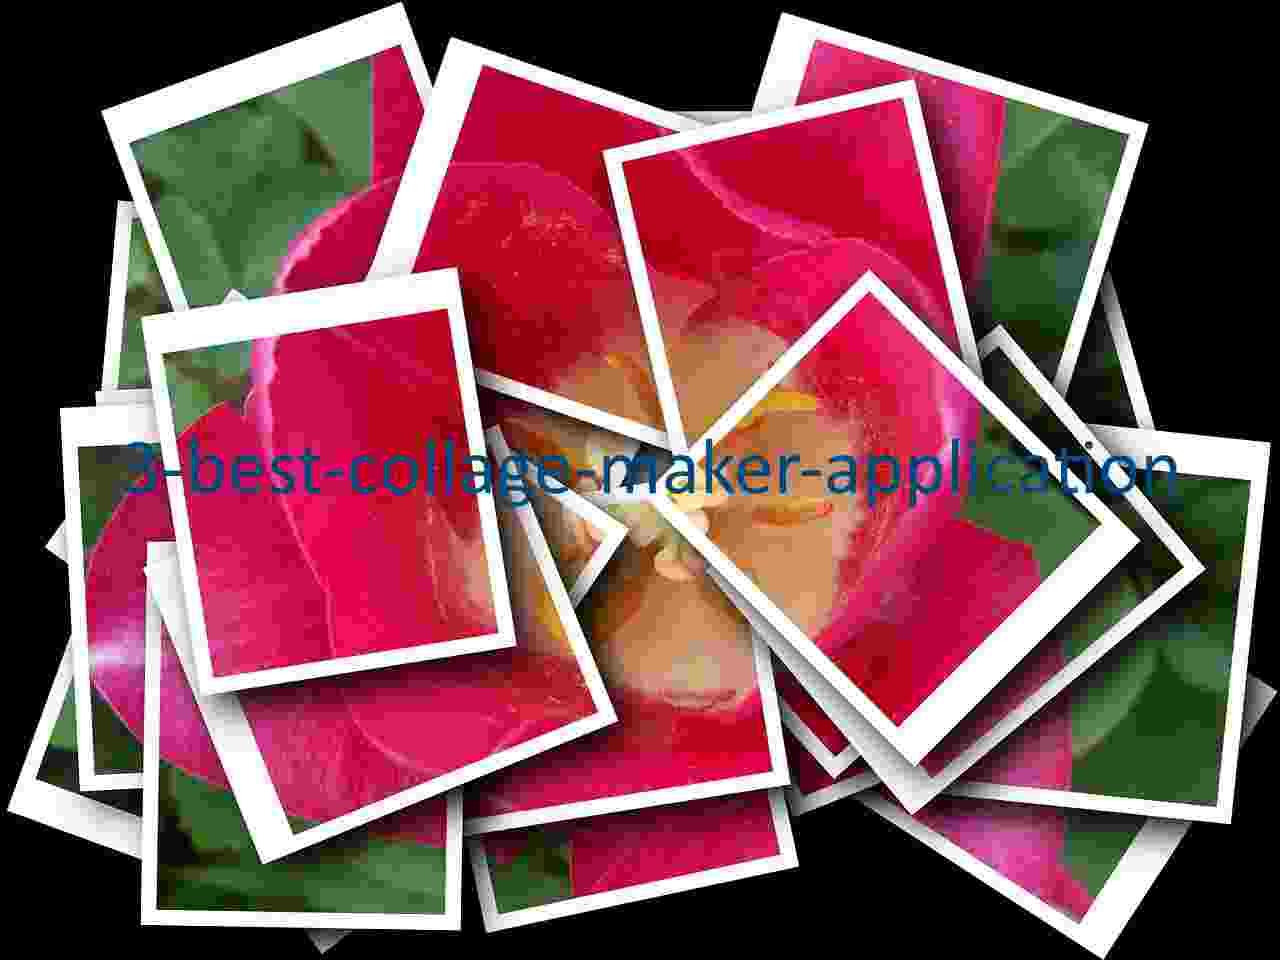 Download 3 Best Collage Maker application